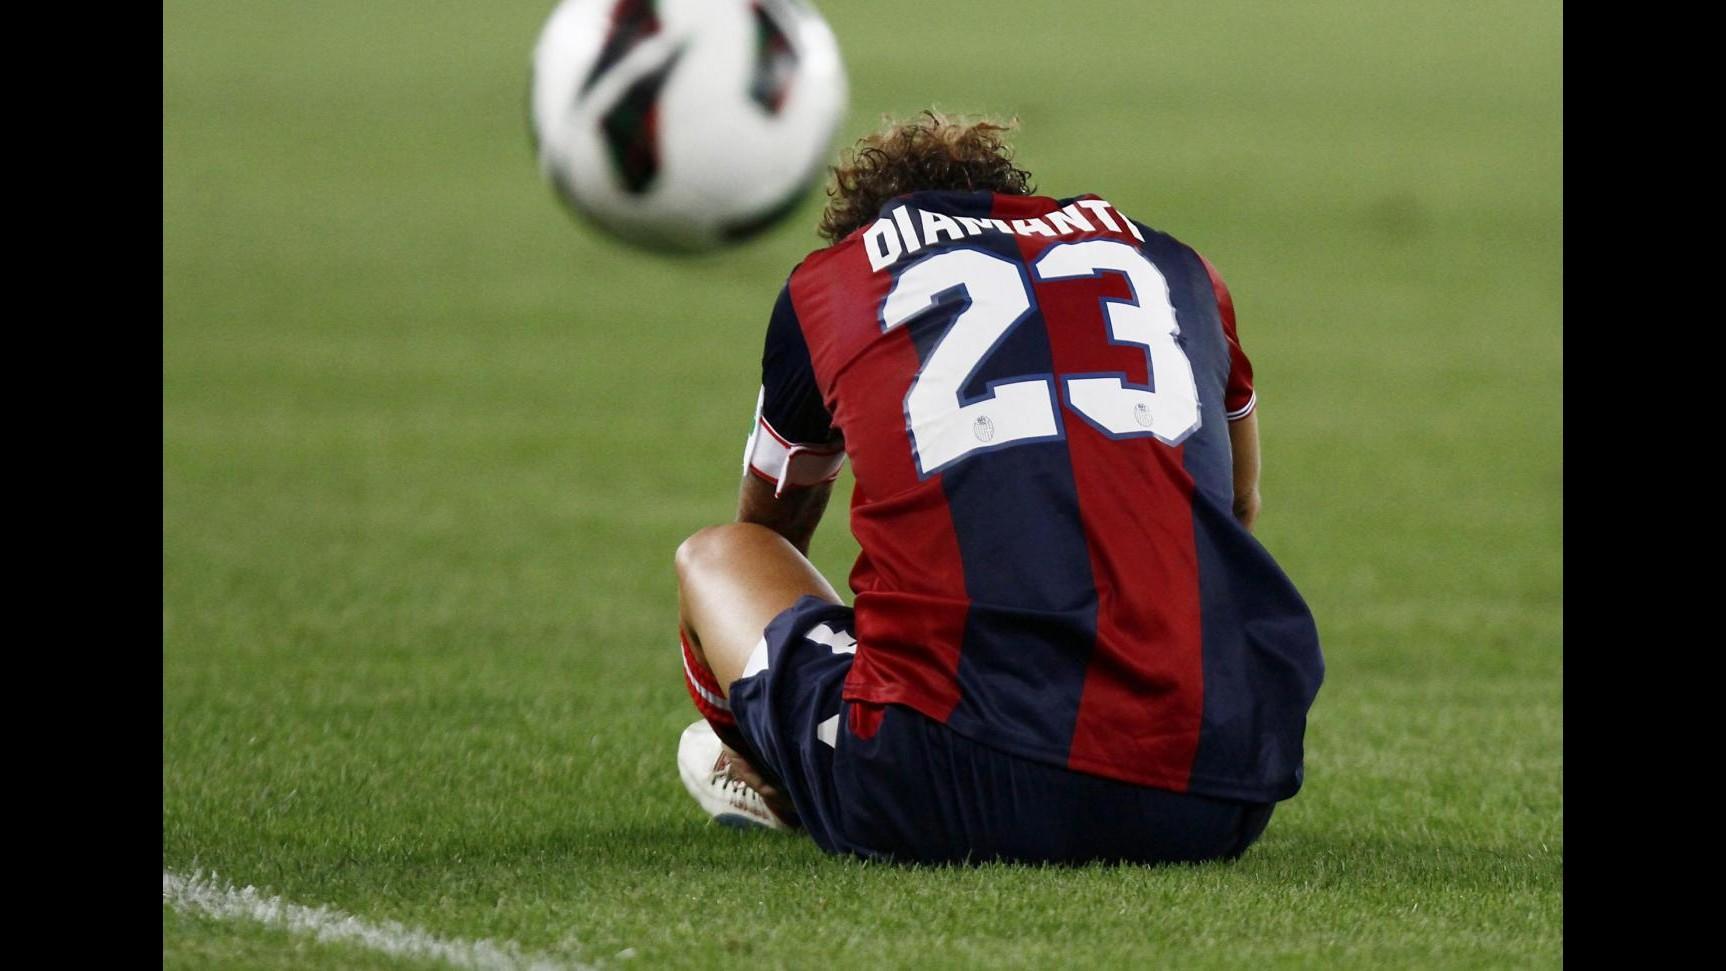 Bologna, affaticamento muscolare per Alessandro Diamanti